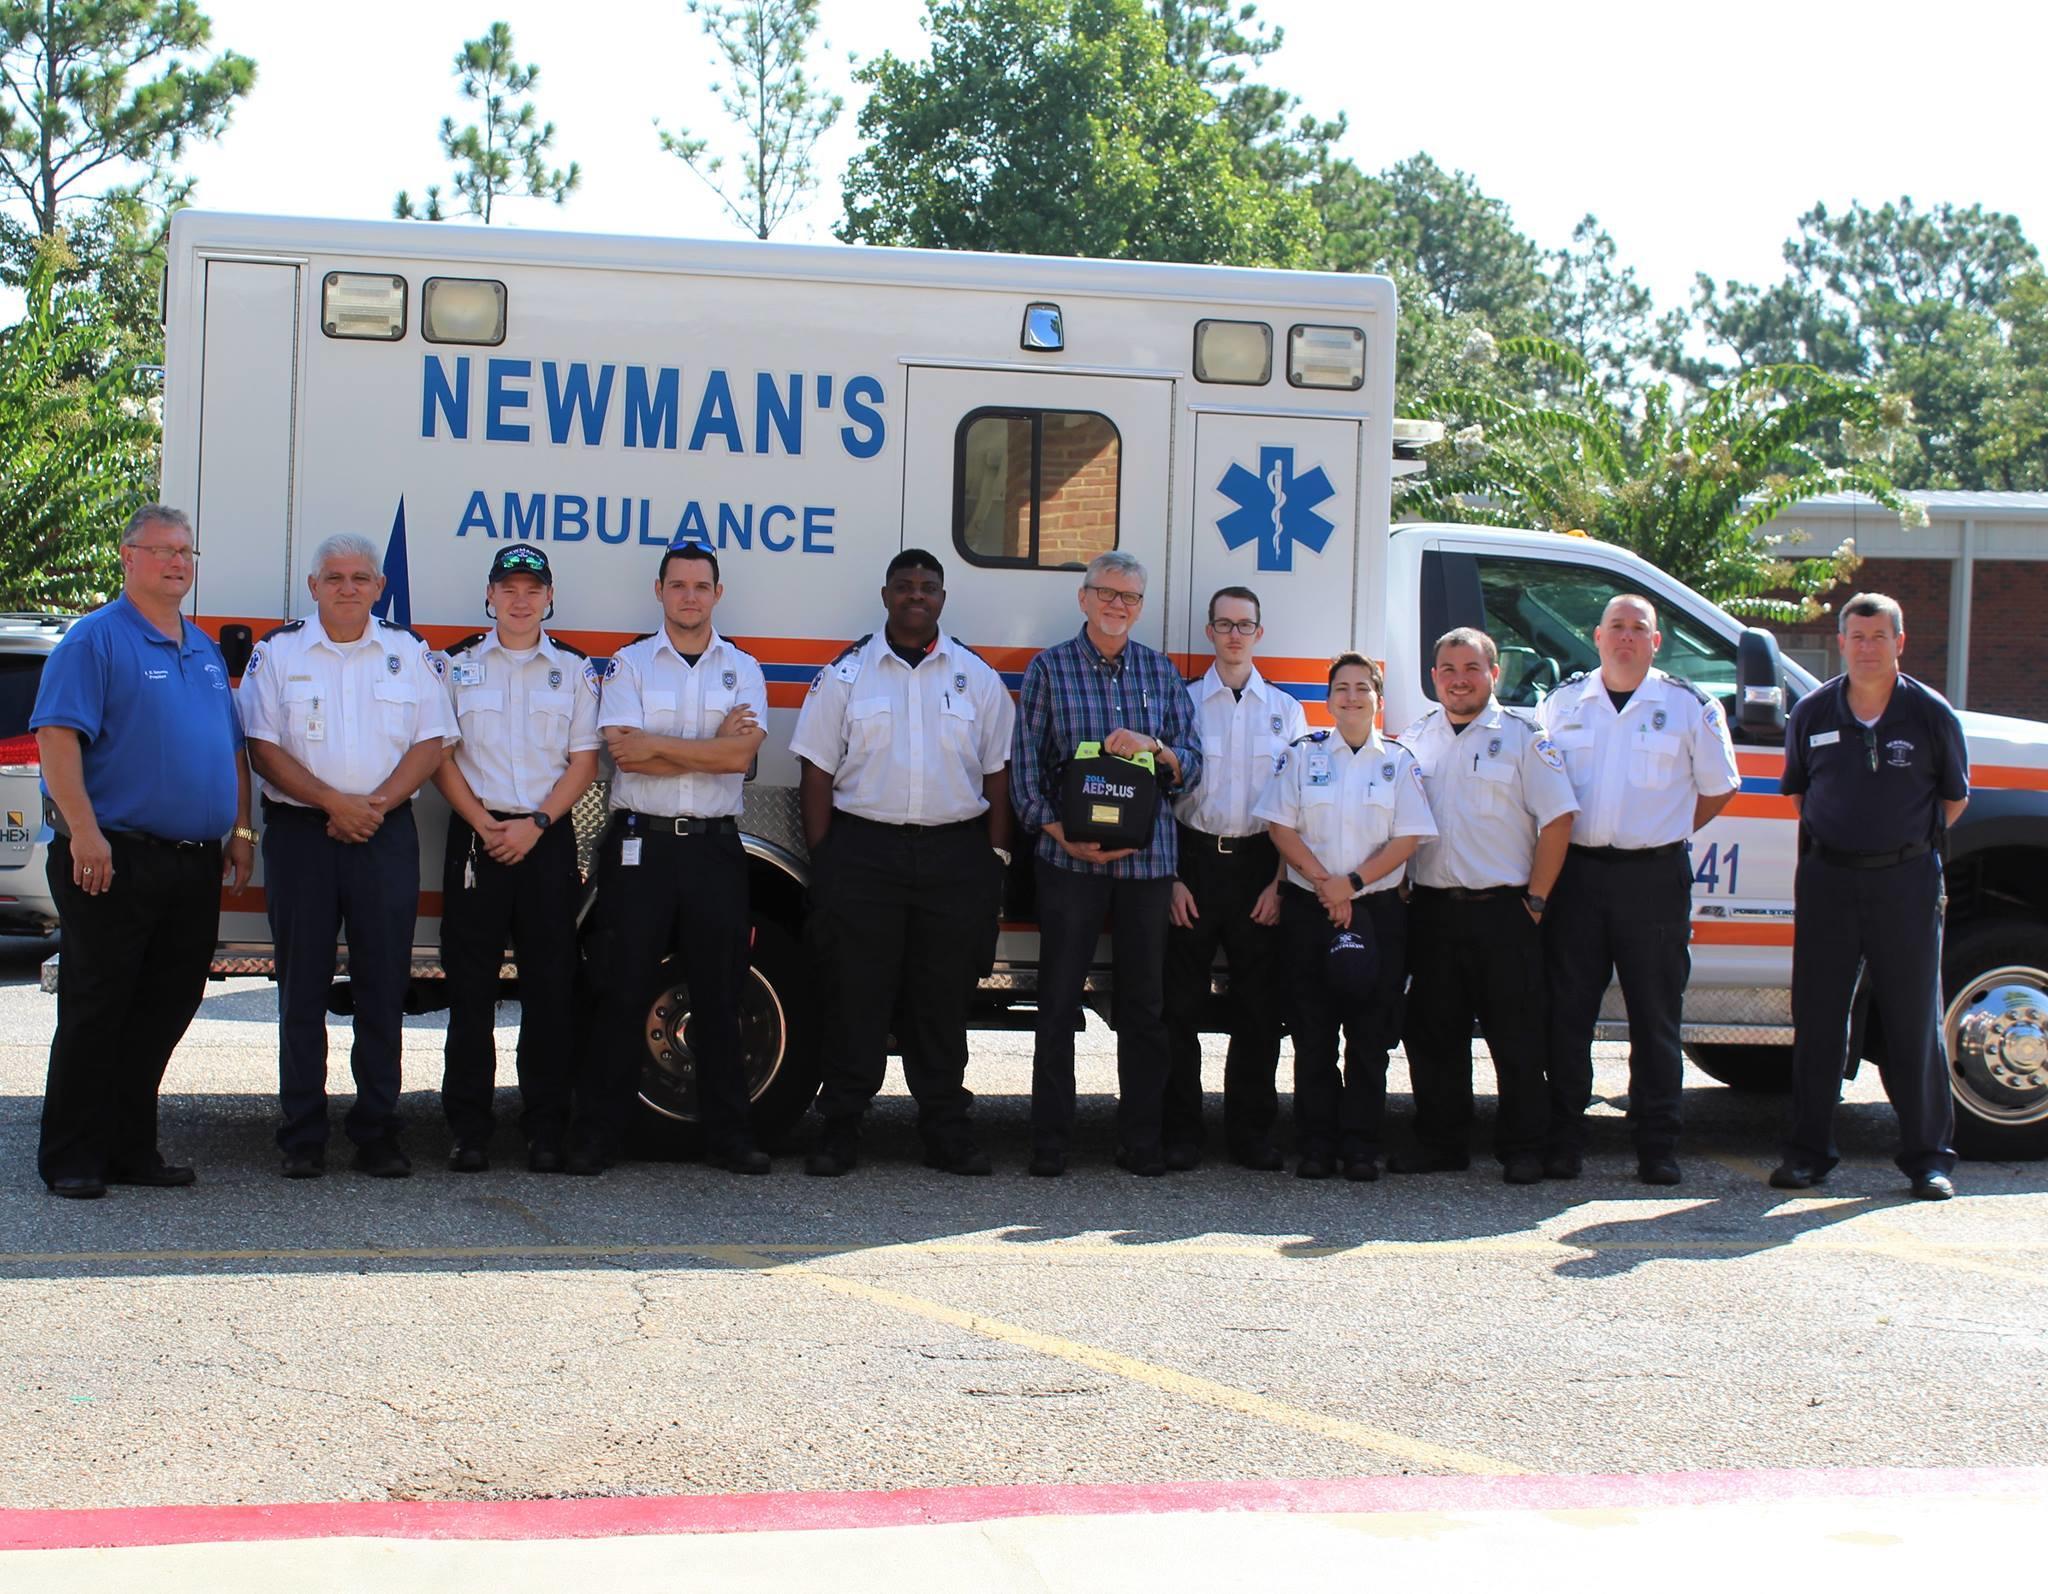 Newman's Ambulance image 1